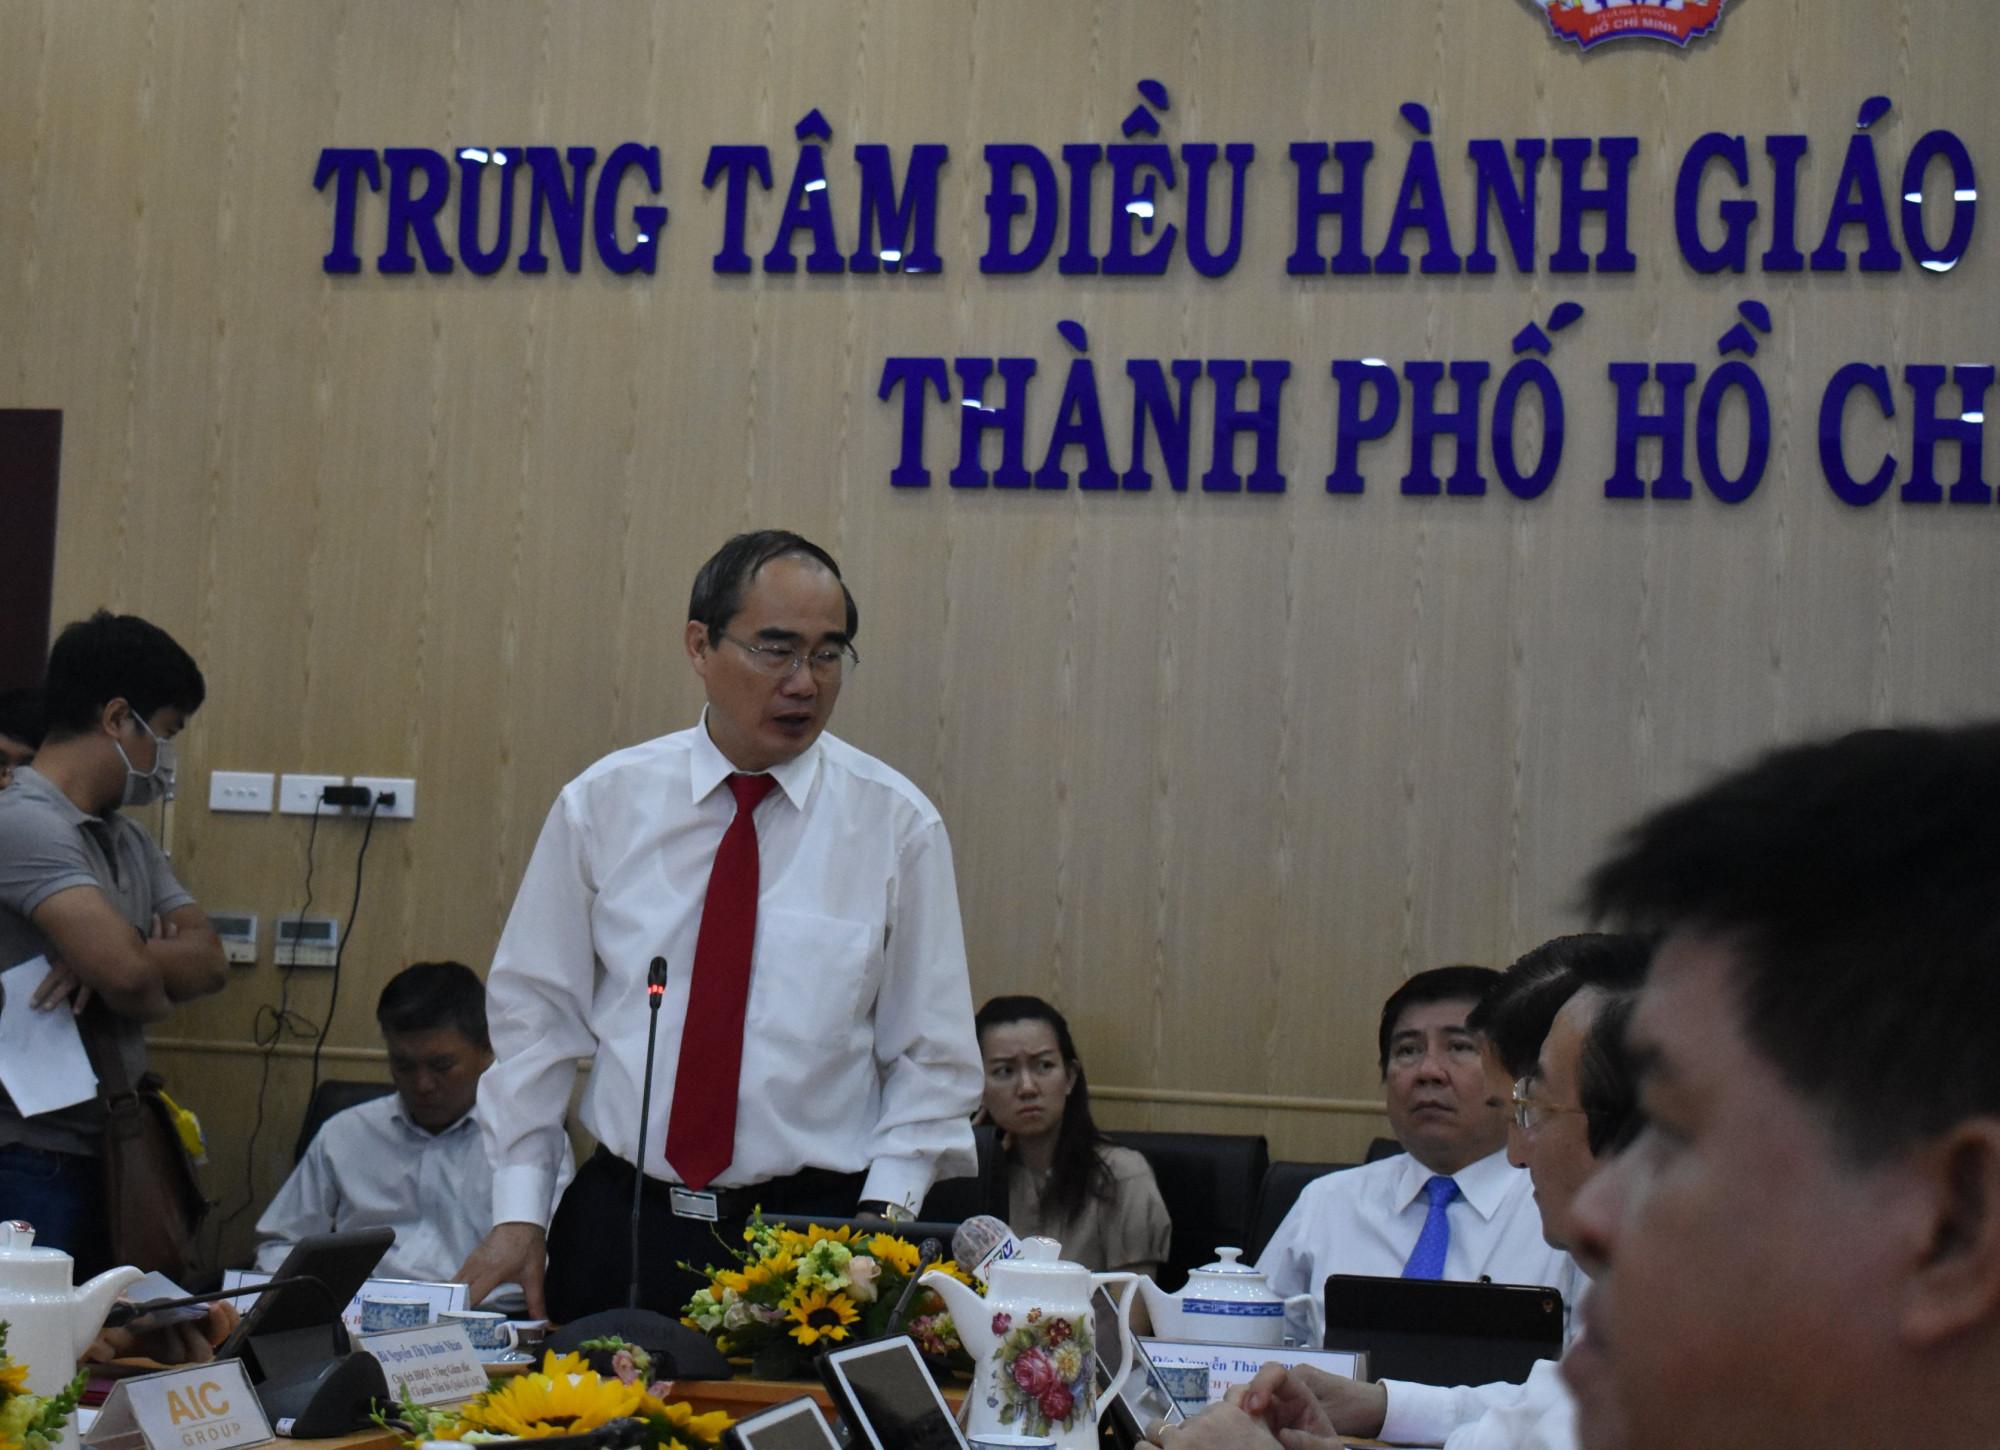 Bí thư Thành ủy TPHCM Nguyễn Thiện Nhân chỉ ra nhiều tác dụng của trung tâm điều hành giáo dục thông minh TPHCM